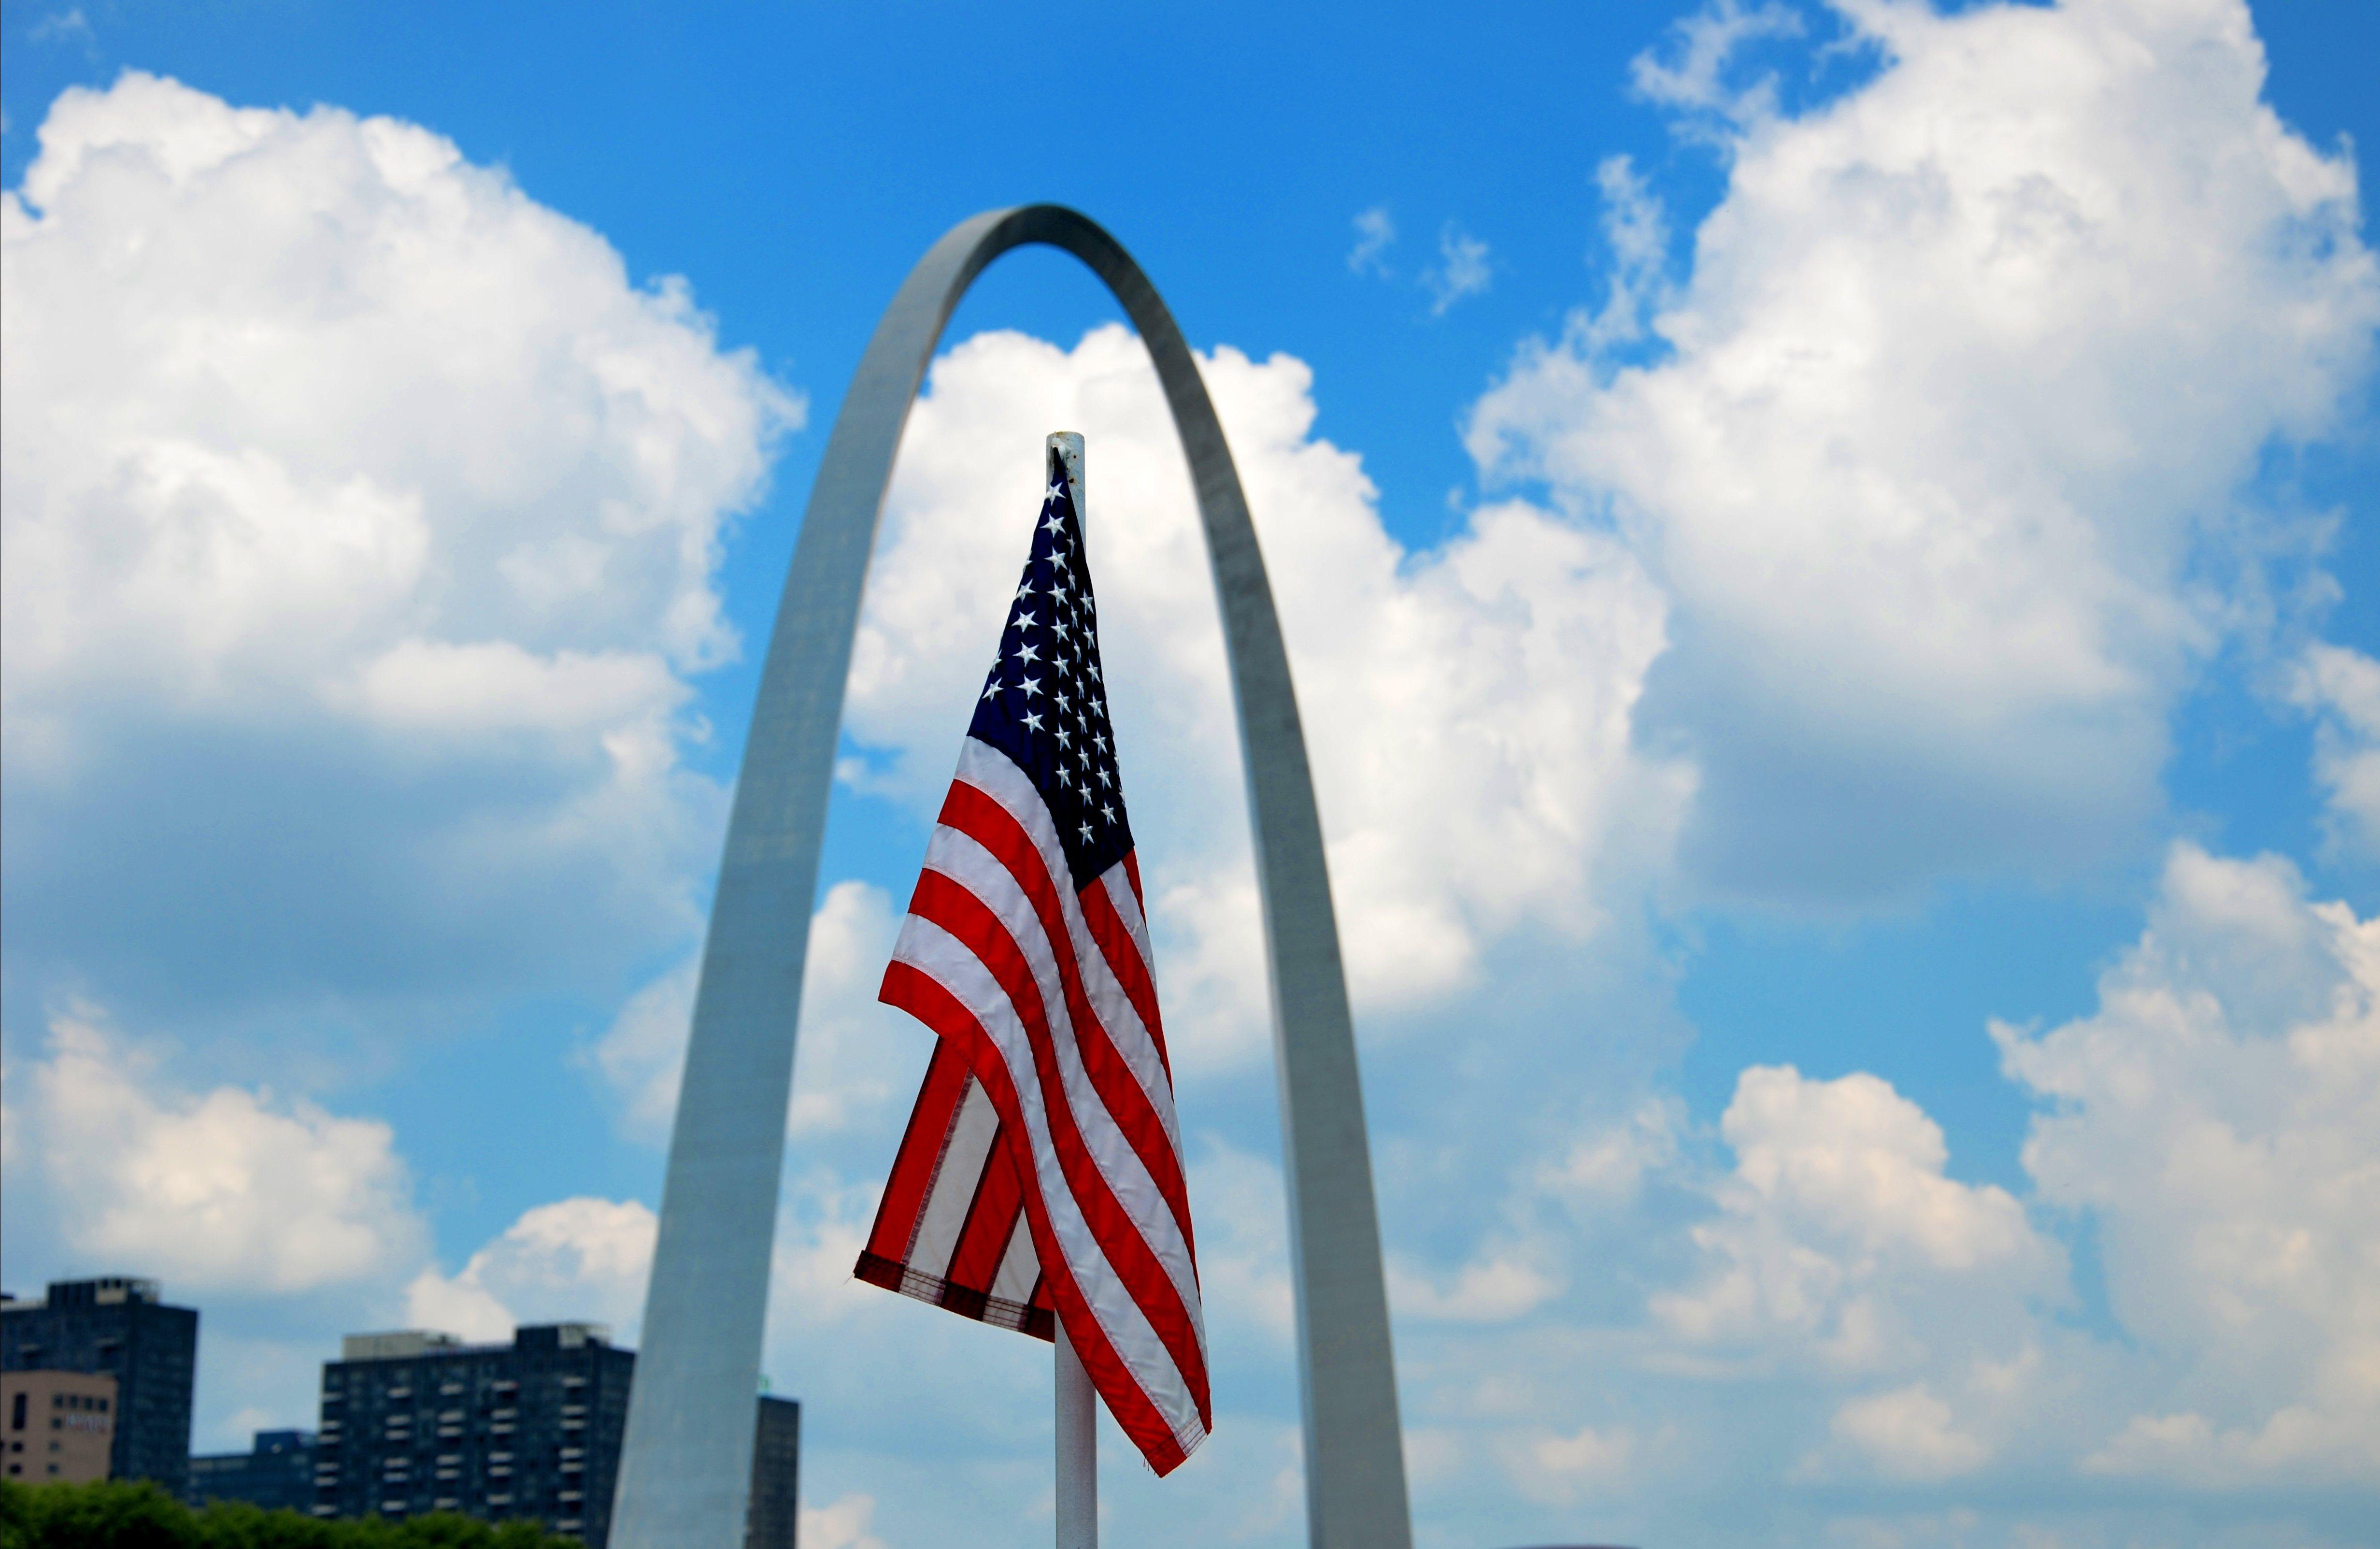 デスクトップ壁紙 空 記念碑 綺麗な 誇りに思う 雲 中西部 かなり 芸術的 ユニークな ストルース アメリカンフラッグ 愛国的 アメリカ人 ミズーリ州 ゲートウェイワッチ モニュメント Stl ストールウイザルク Usflag Usaflag アメリカ合衆国統一